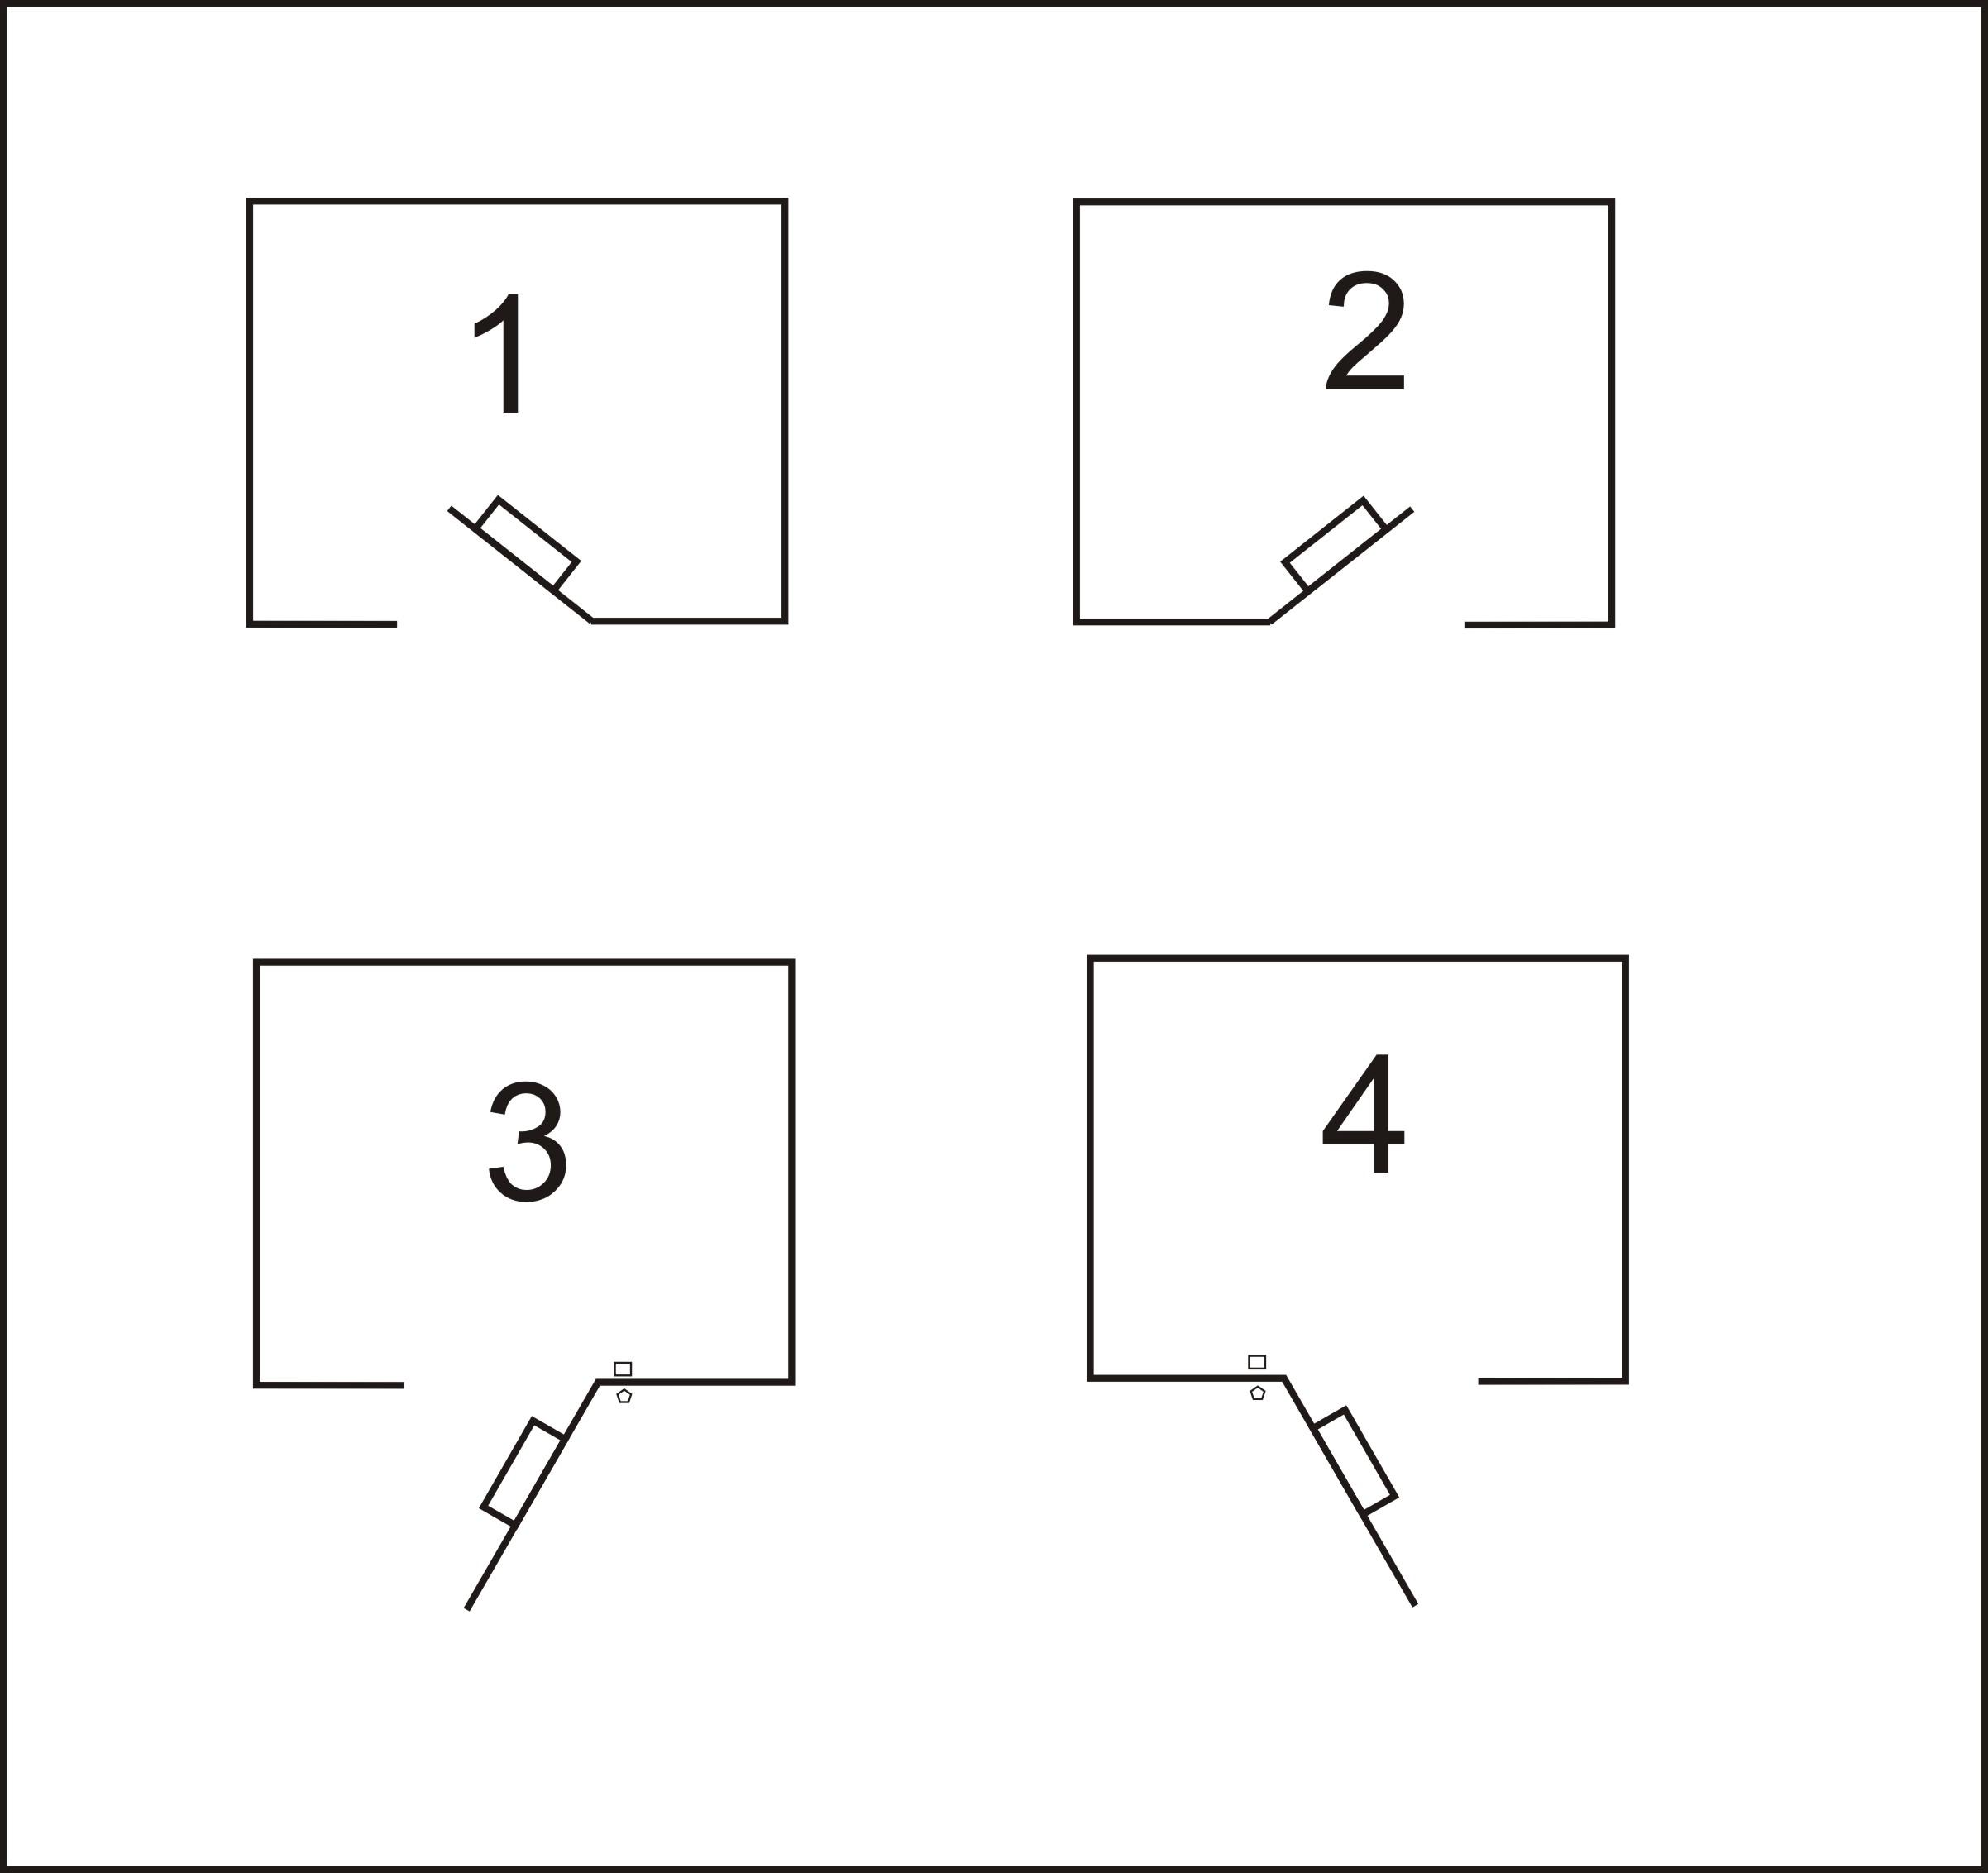 """Существует 4 модификации замка, отличающиеся:  Ответной частью (для дверей, открывающихся внутрь и наружу); Расположением декоративной пластиковой ручки (для левой и правой двери). Данная модель замка имеет электромеханическую защелку, состоящую из взводного и запорного ригели. Запорная защелка обладает функцией противоотжимной блокировки при закрытом состоянии замка. Наружный цилиндровый механизм позволяет всегда открыть замок с помощью ключа.  Все типы замков выполнены в едином стиле - металлический корпус с черной пластиковой отделкой. Красная пластиковая кнопка выхода допускает работу в трех режимах: обычный - снаружи замок открывается ключом и дистанционно при подаче электрического сигнала управления, изнутри замок открывается нажатием на кнопку и дистанционно; дистанционный - открывание снаружи, как и в обычном режиме, изнутри замок открывается только путем подачи дистанционного сигнала управления, так как кнопка выхода зафиксирована ключом в обычном положении; свободного прохода (H.O. - hold open) - кнопка выхода зафиксирована ключом в положении """"открыто"""", рабочий ригель работает параллельно взводному, и замок постоянно находится в открытом состоянии. Принцип действия замка:  Снаружи замок открывается ключом и дистанционно при подаче электрического сигнала управления, Изнутри замок открывается нажатием на кнопку и дистанционно;"""